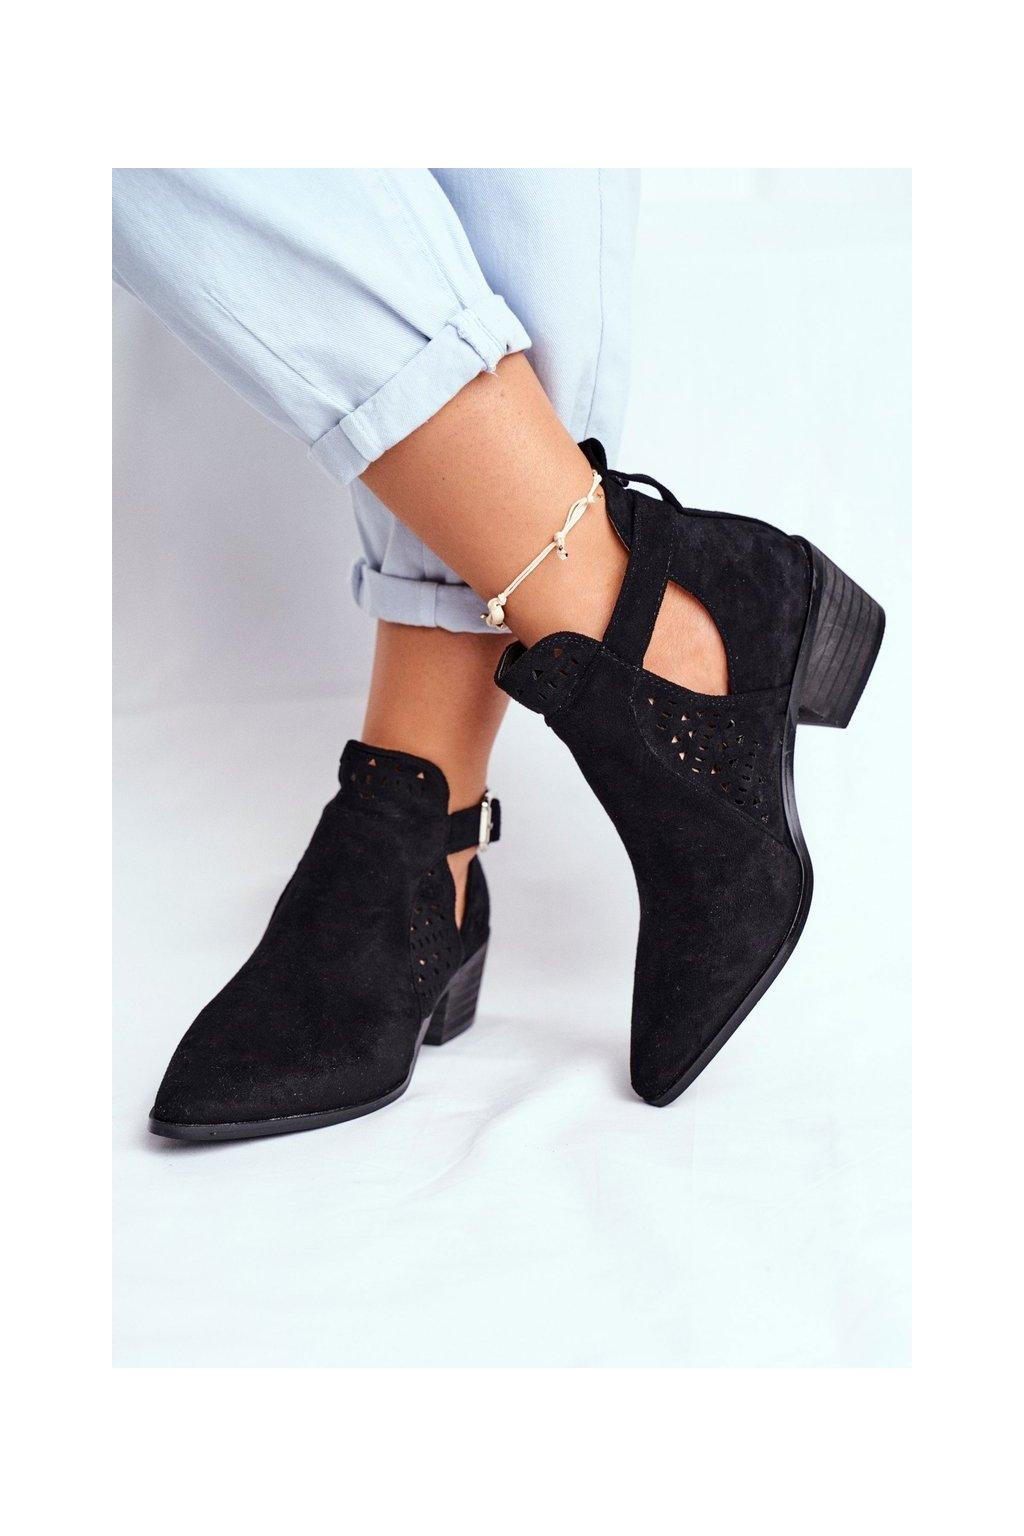 Dámske jarné topánky na podpätku Semišové čierne Rita